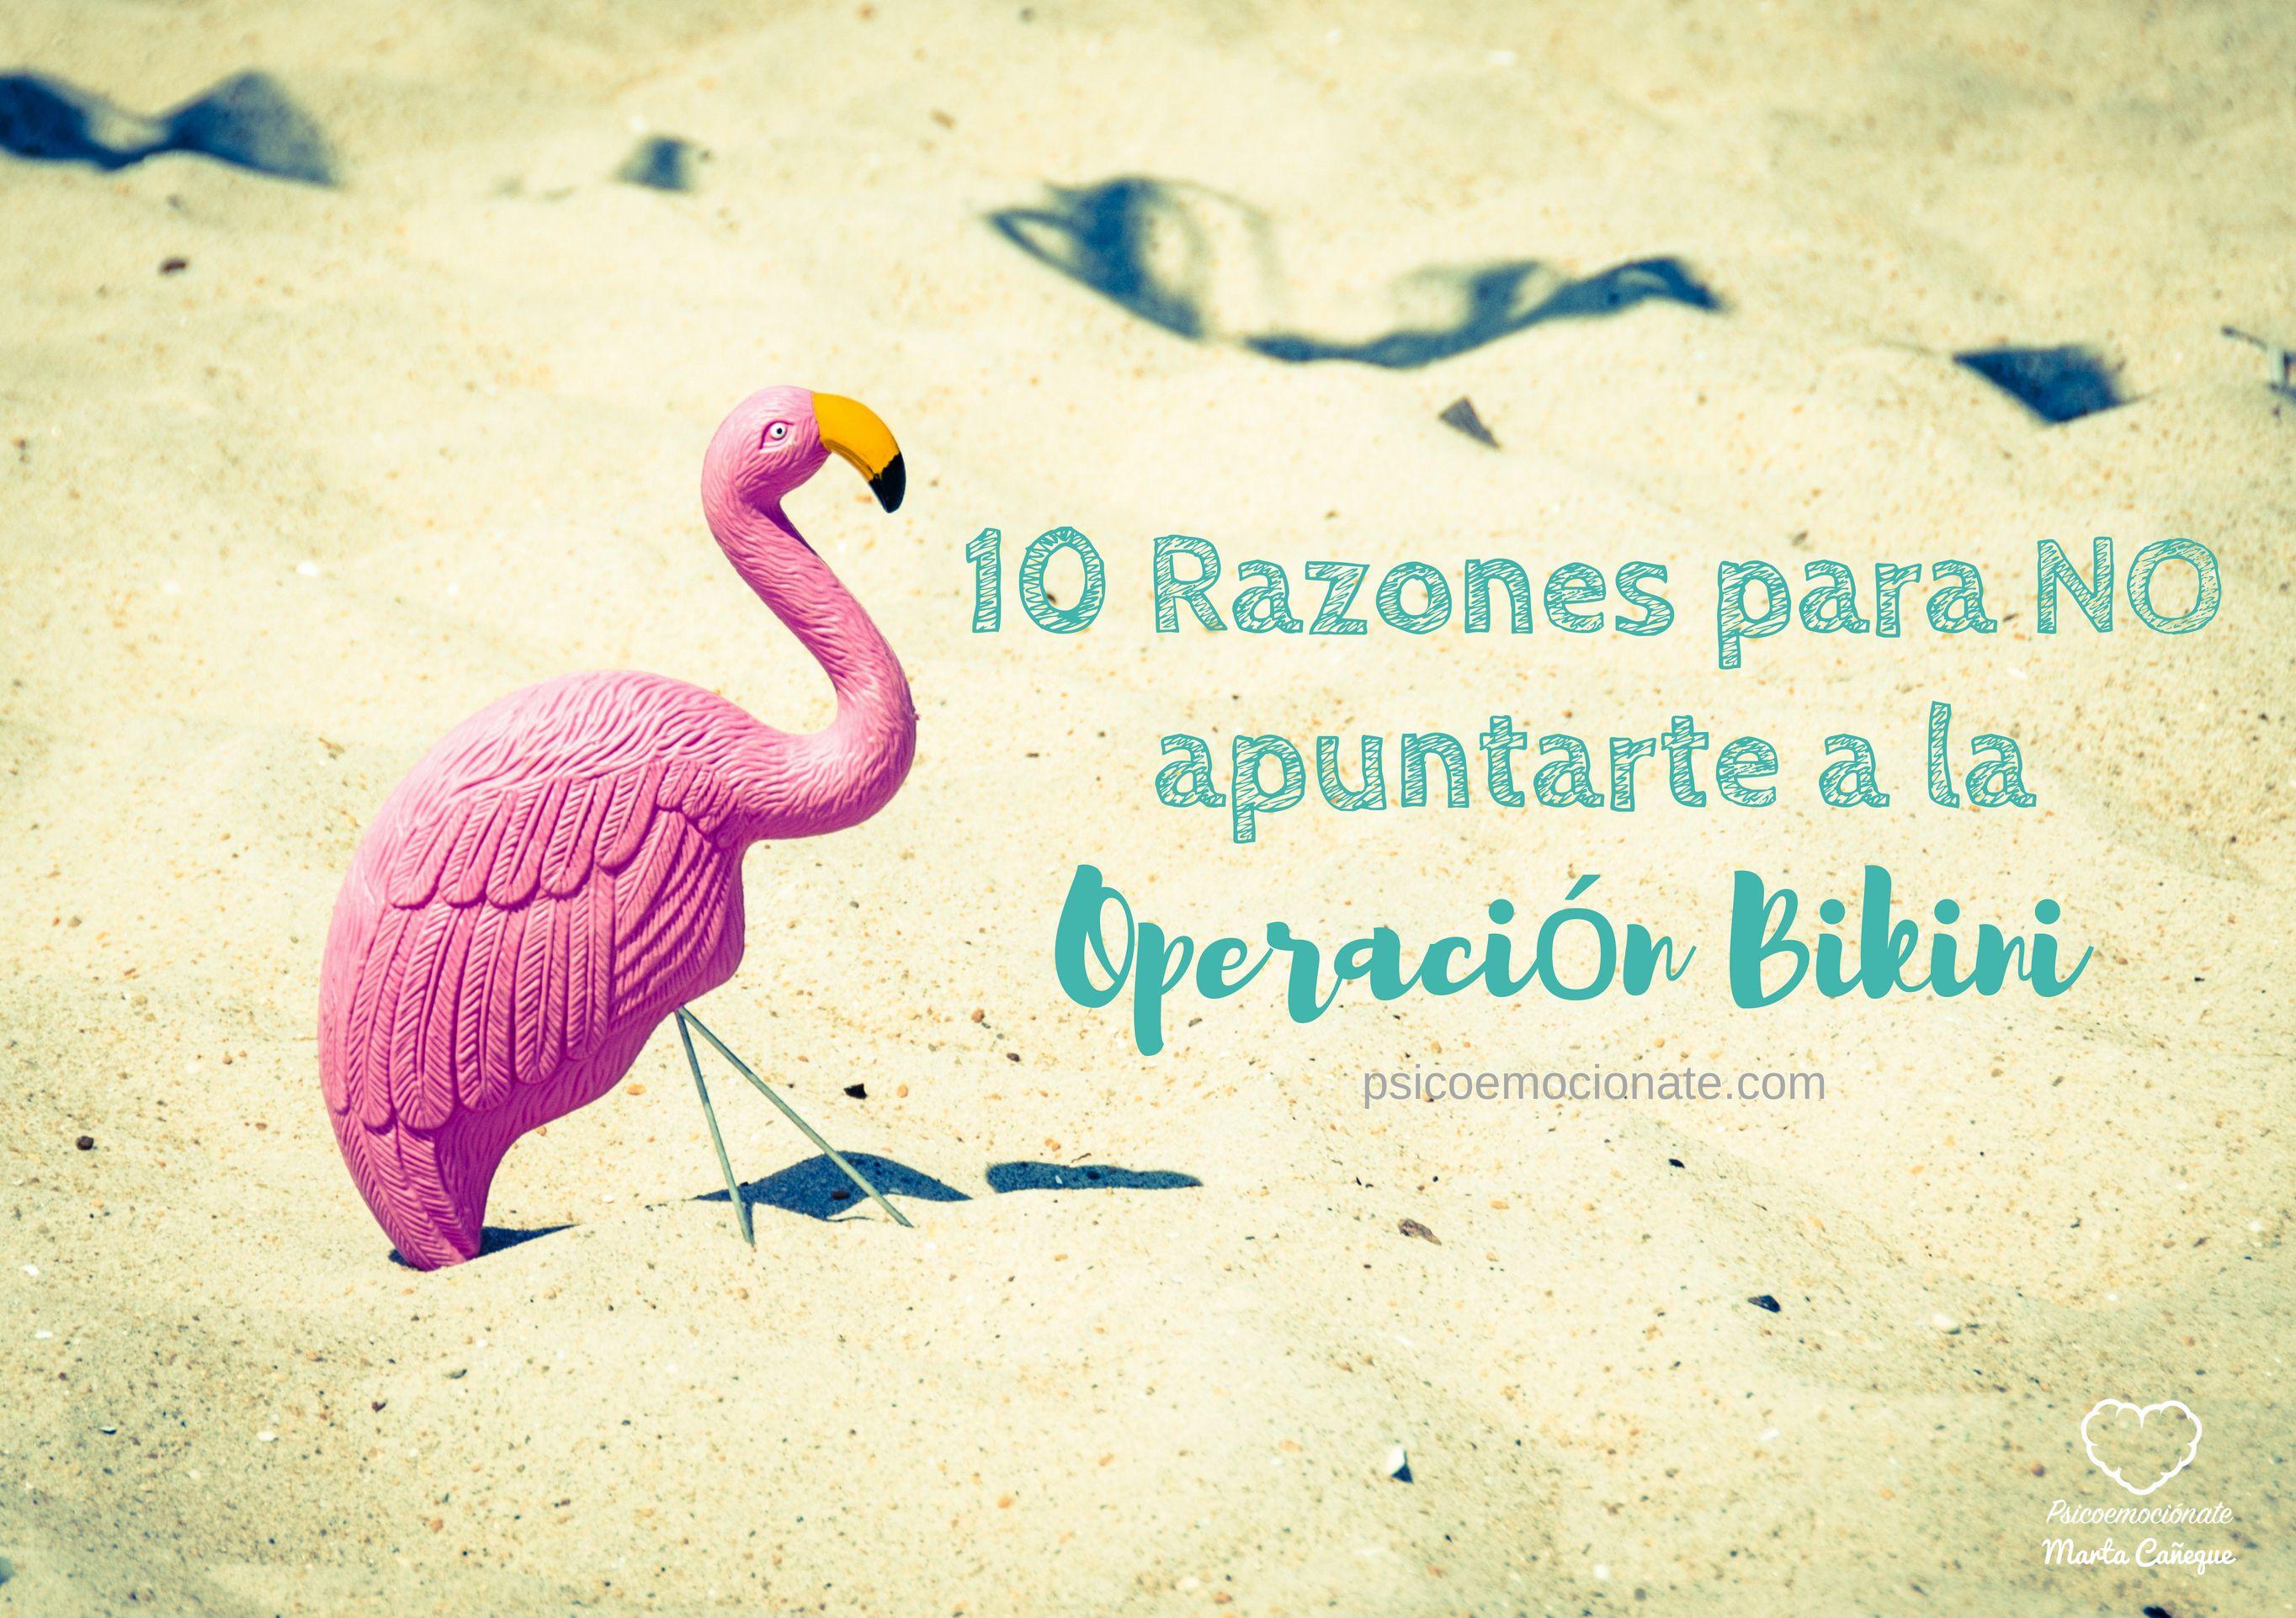 10 Razones para NO apuntarte a operación bikini psicoemociónate